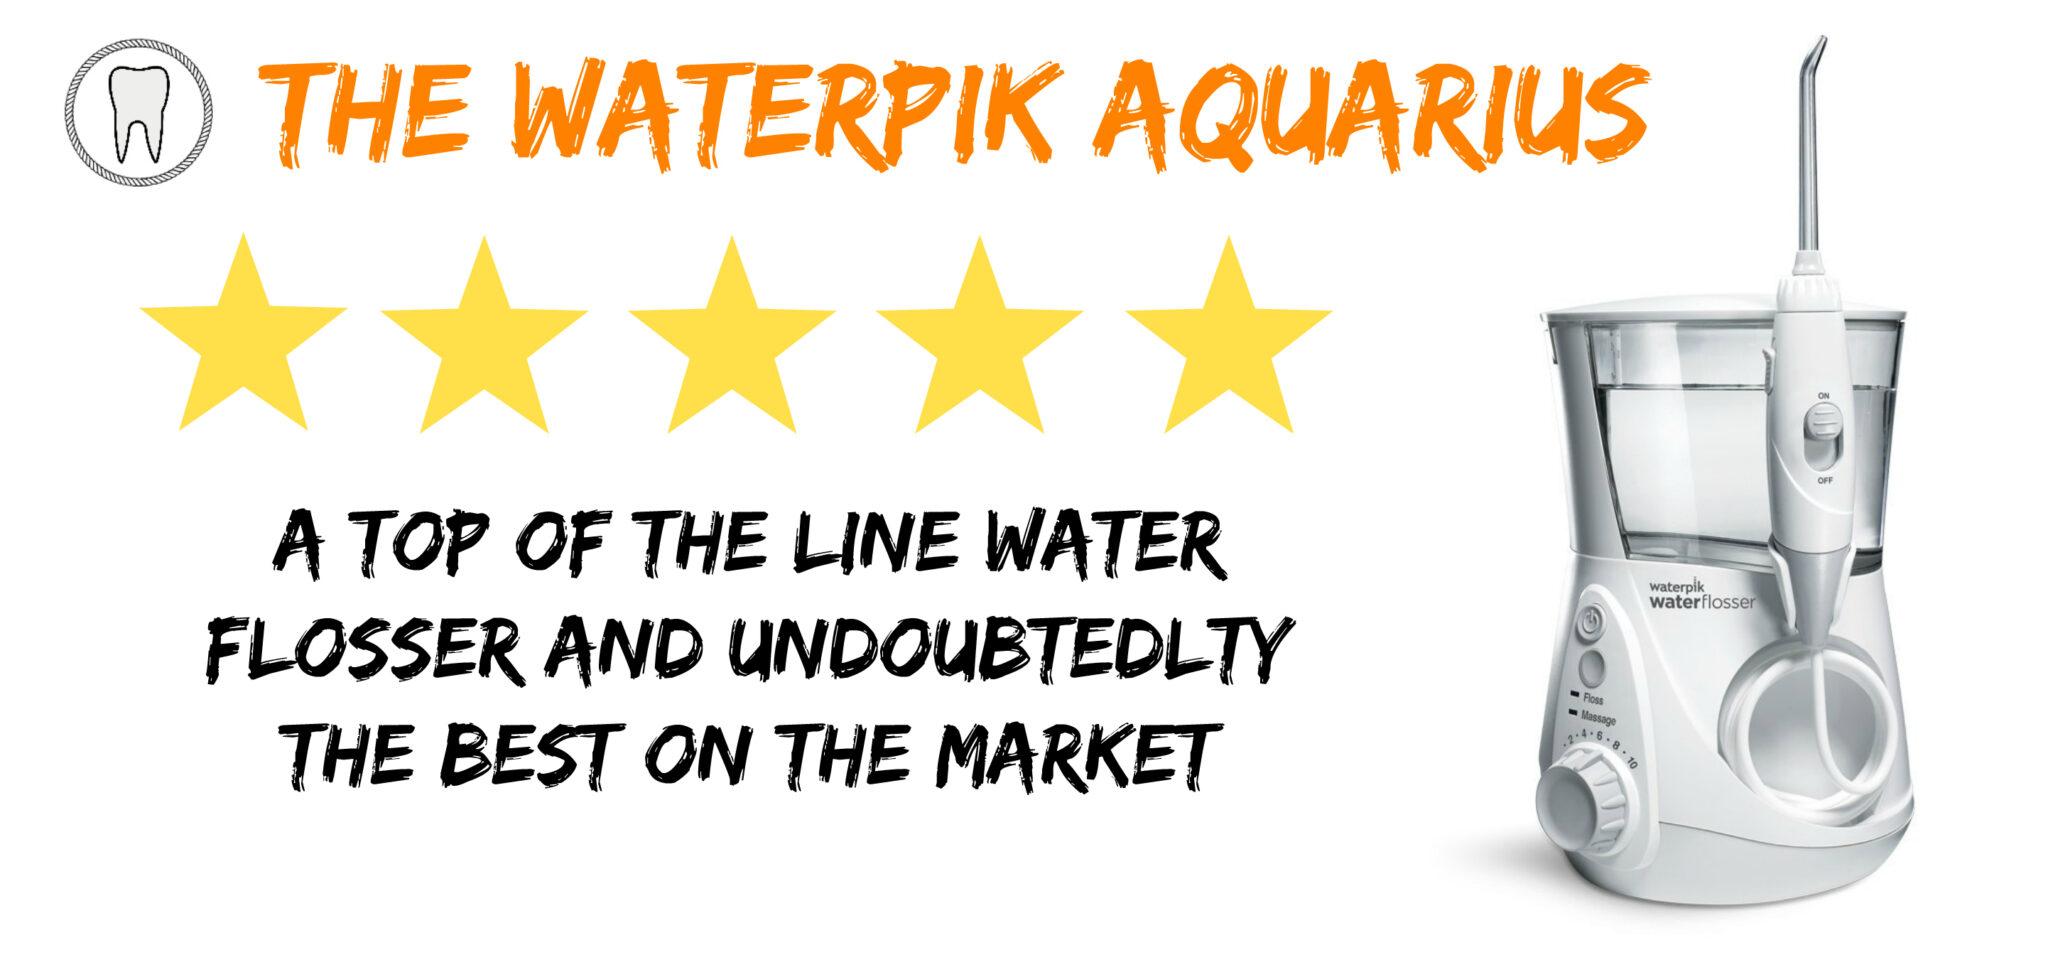 waterpik aquarius review